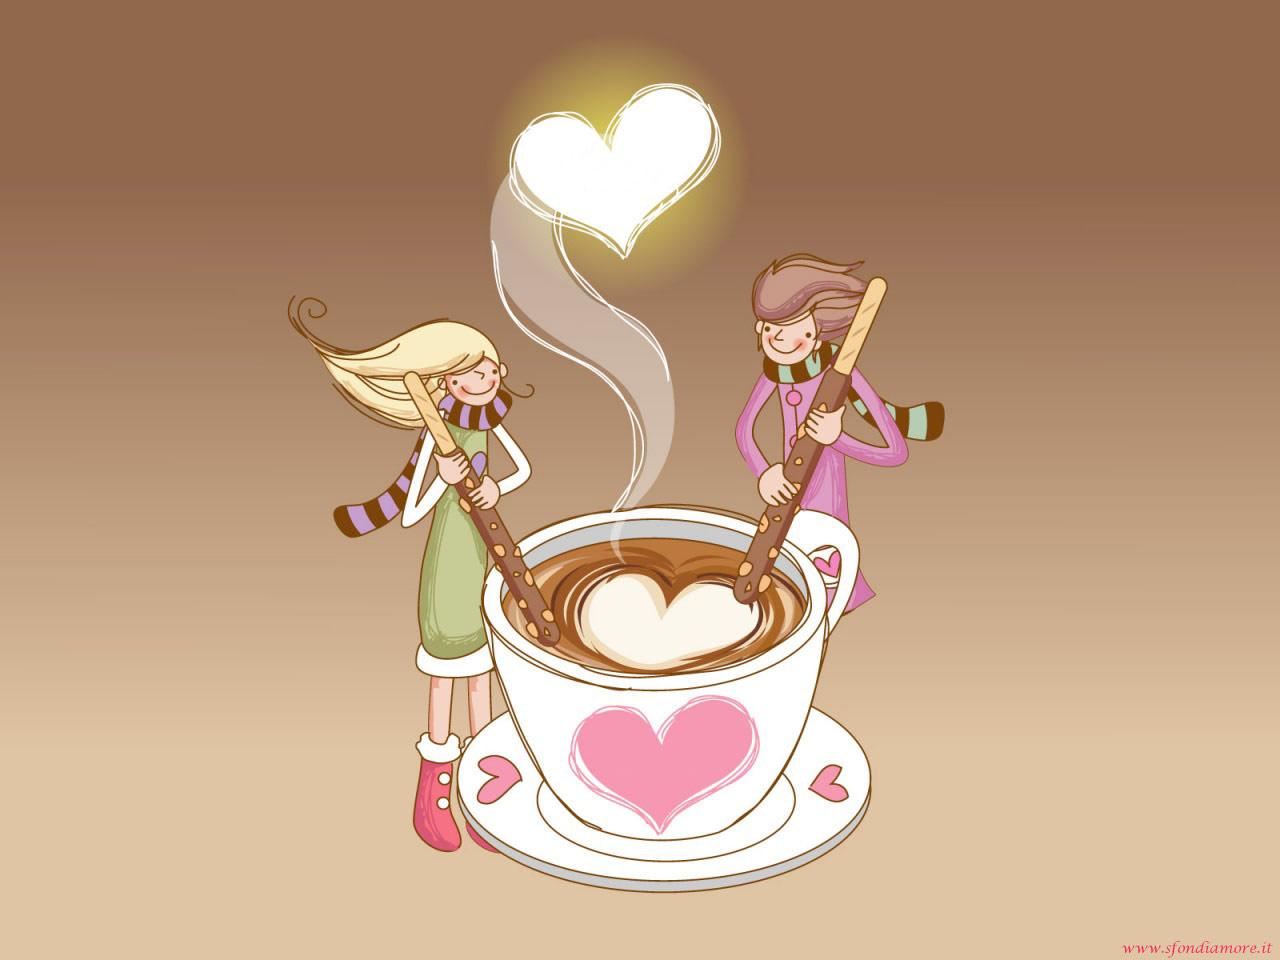 Sfondi Amore cappuccino